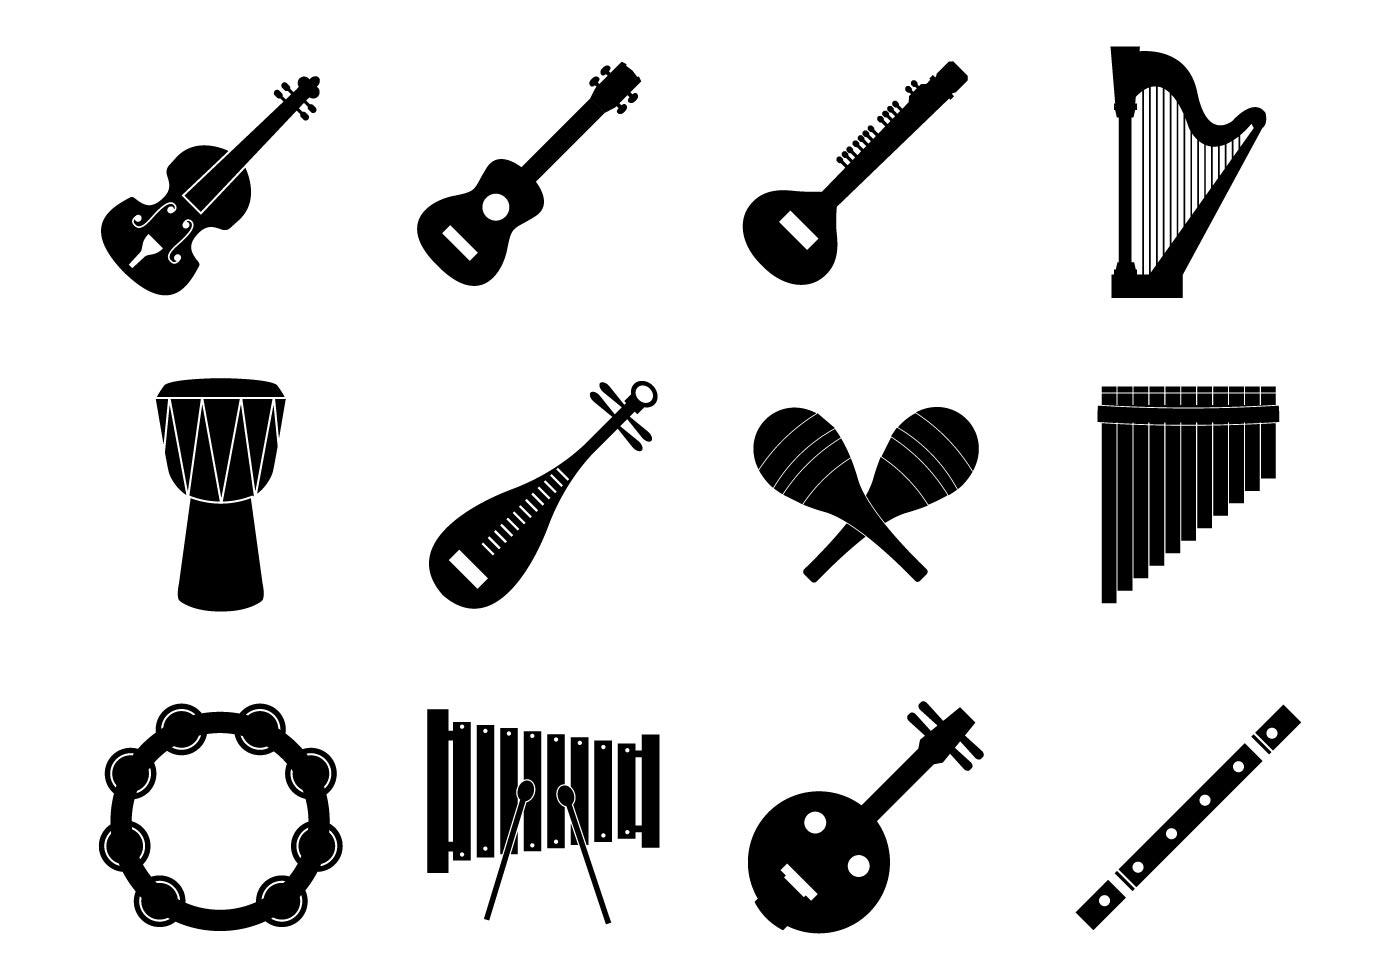 樂器圖案 免費下載 | 天天瘋後製